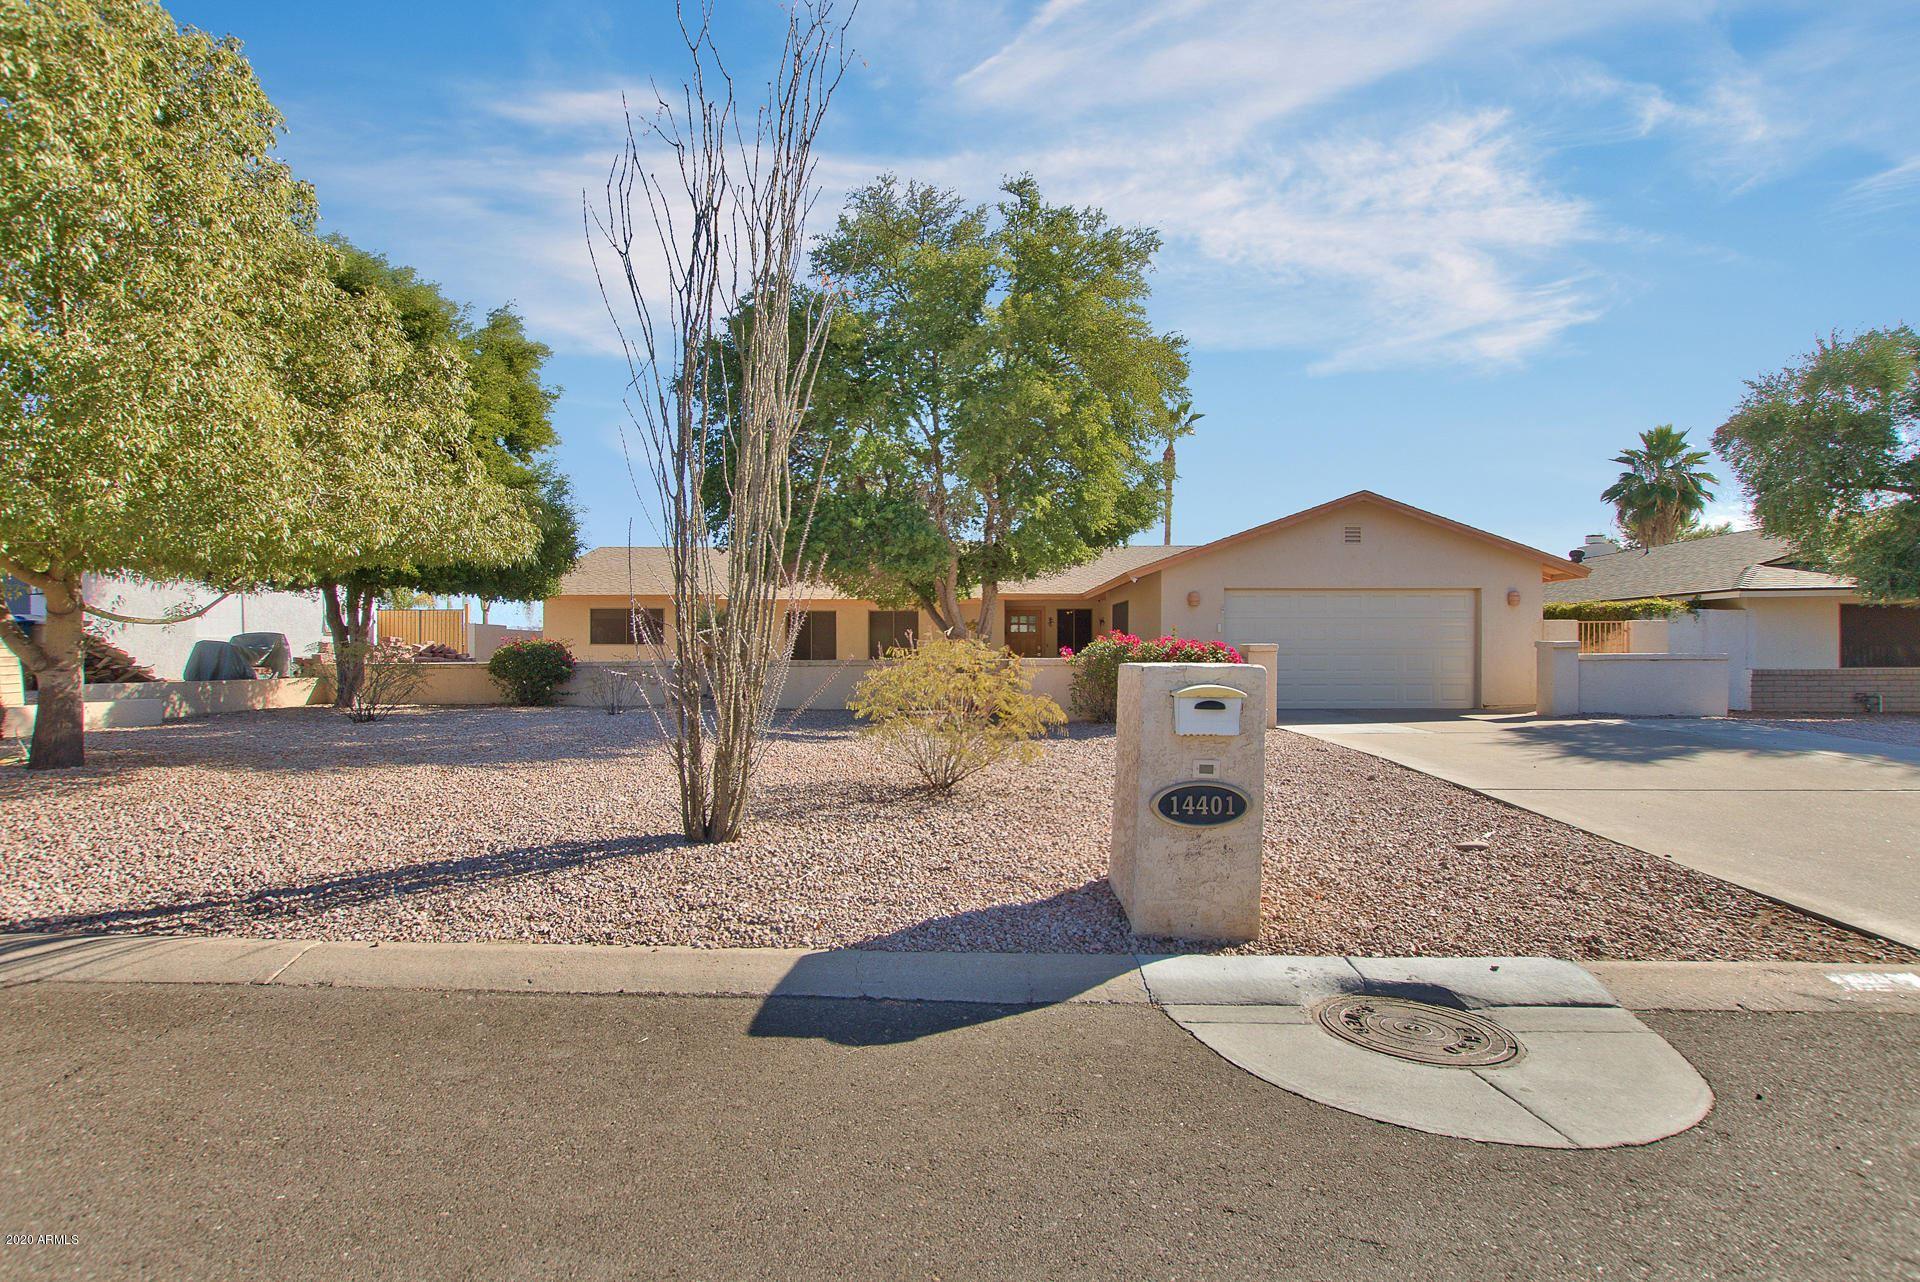 14401 N SAN CARLOS Drive, Fountain Hills, AZ 85268 - MLS#: 6163158